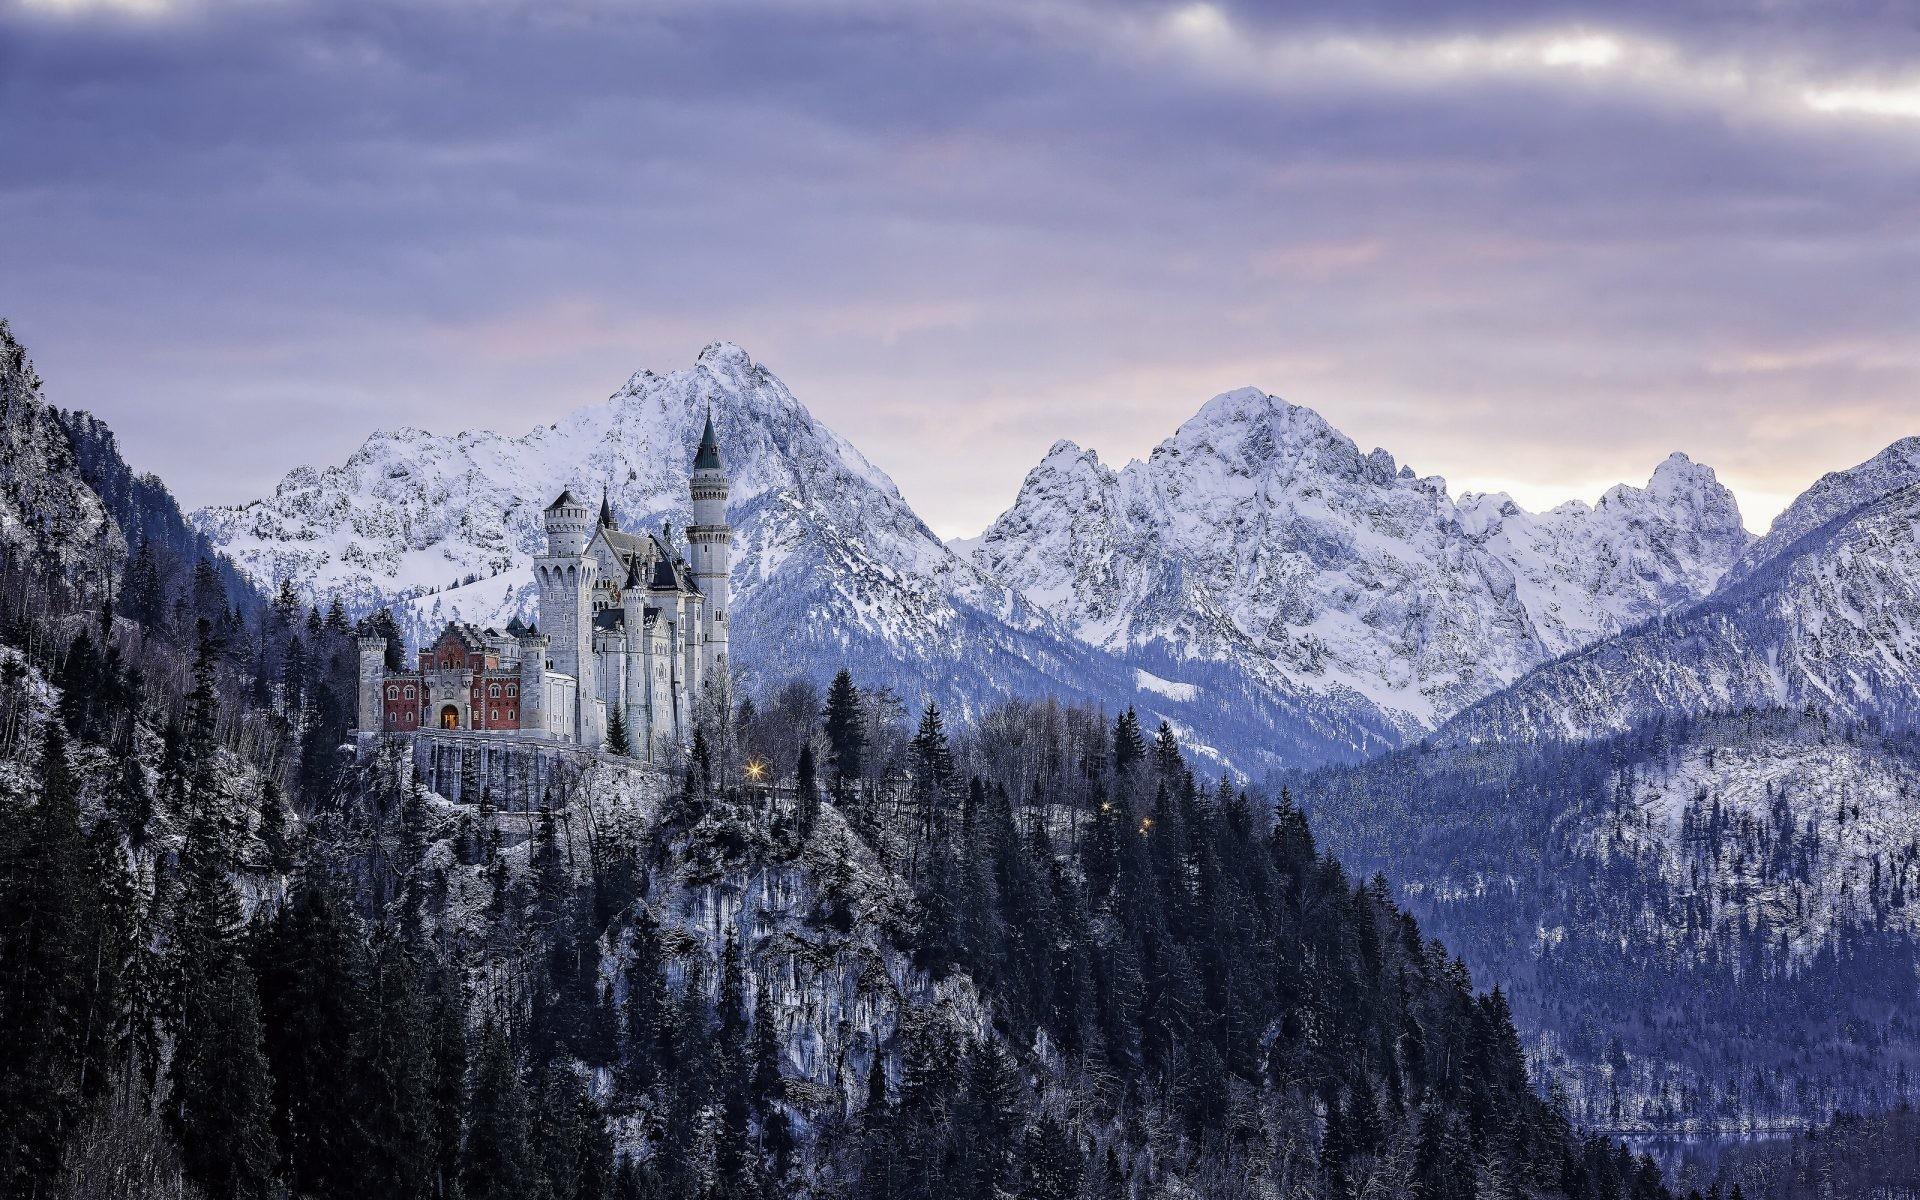 Winter Landscape Background Alps And Neuschwanstein Castle .